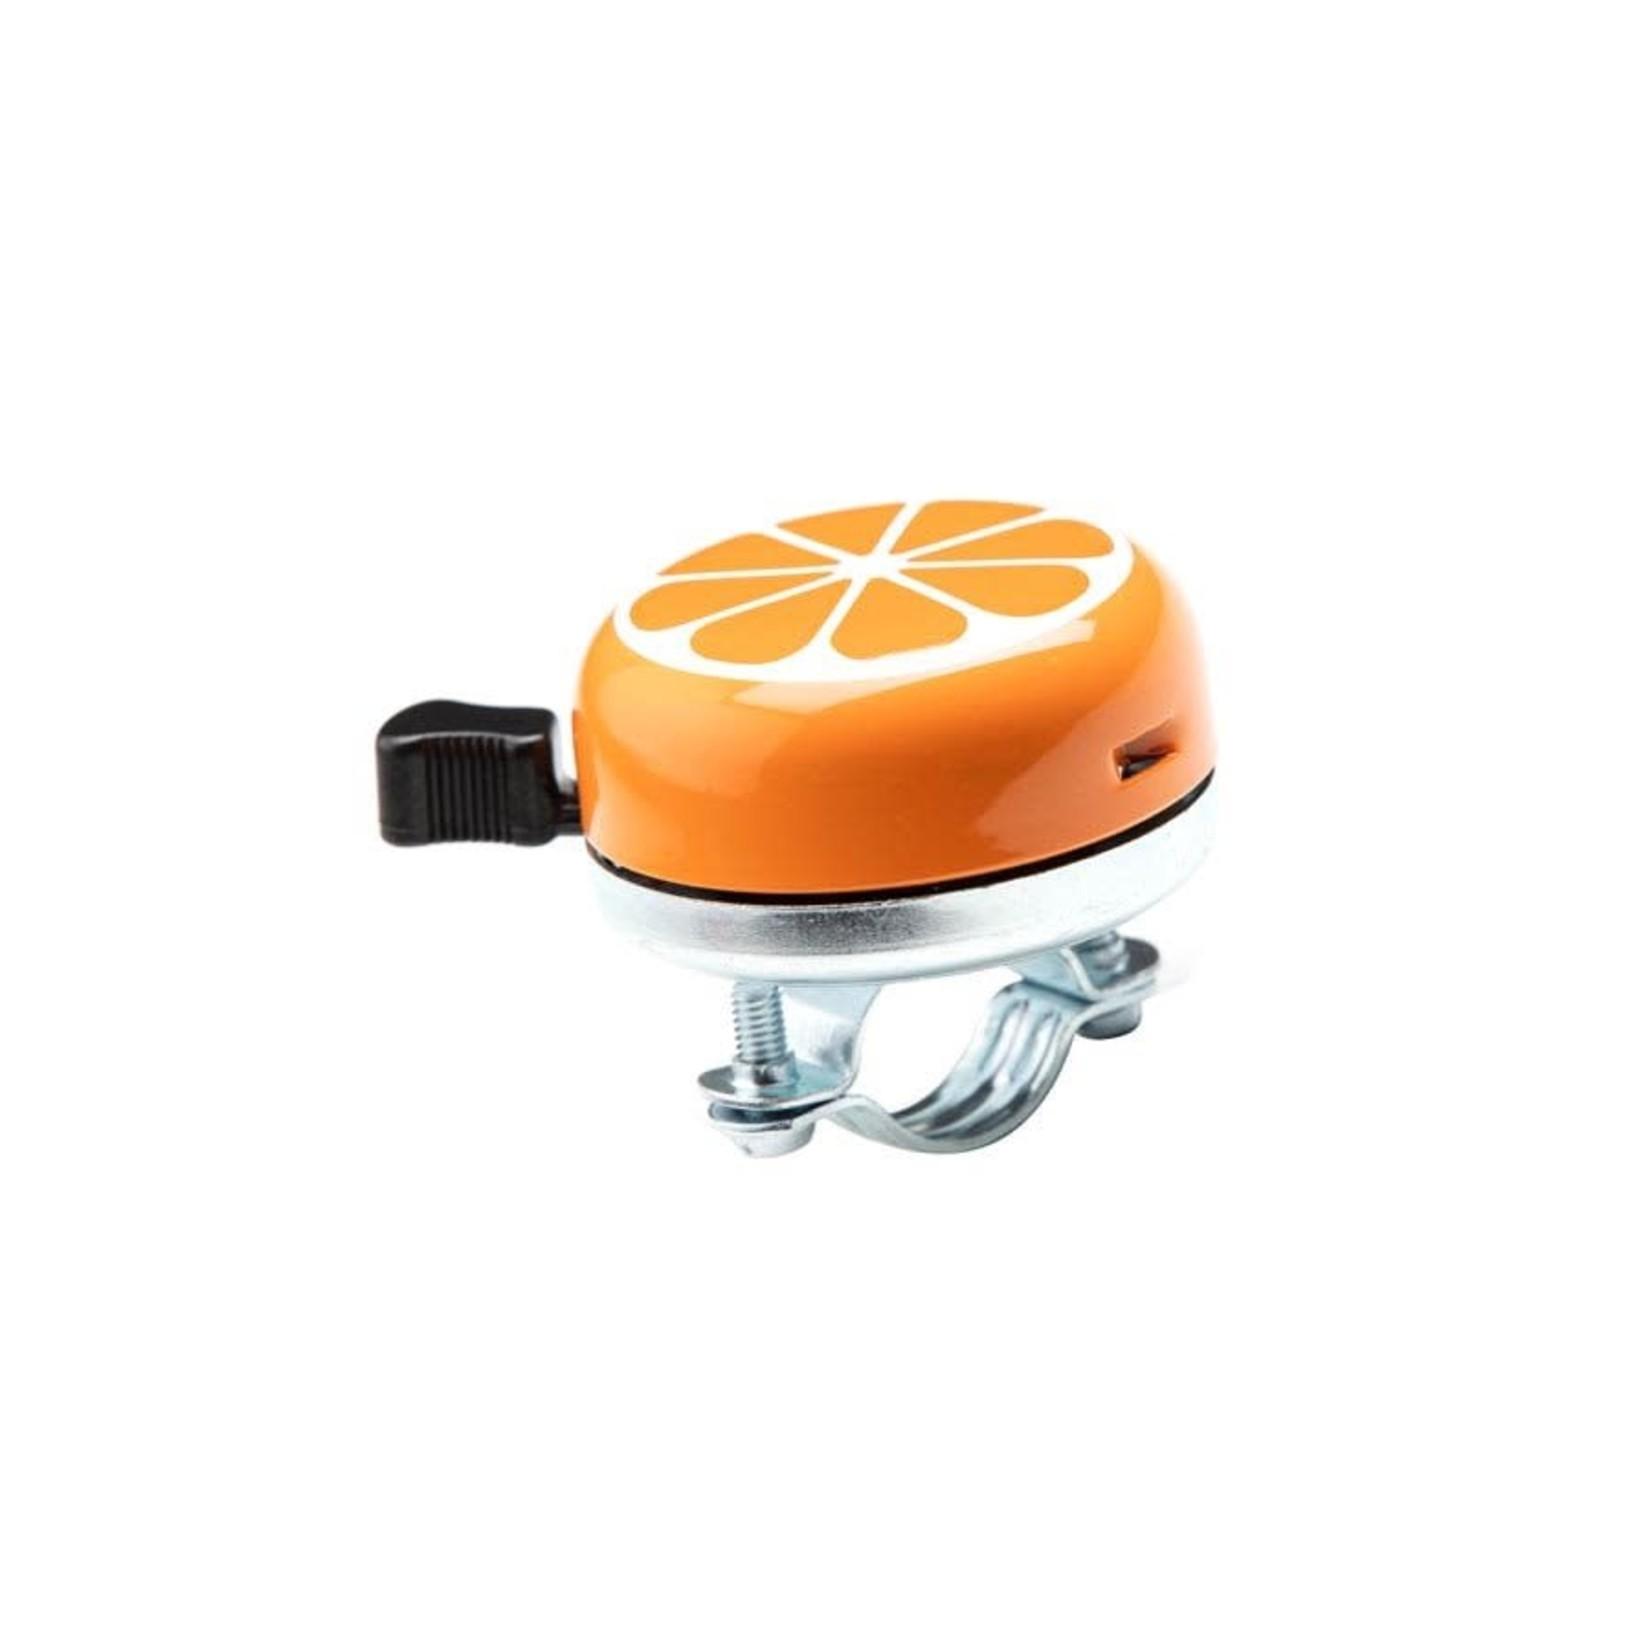 Evo Evo Orange Slice Bell